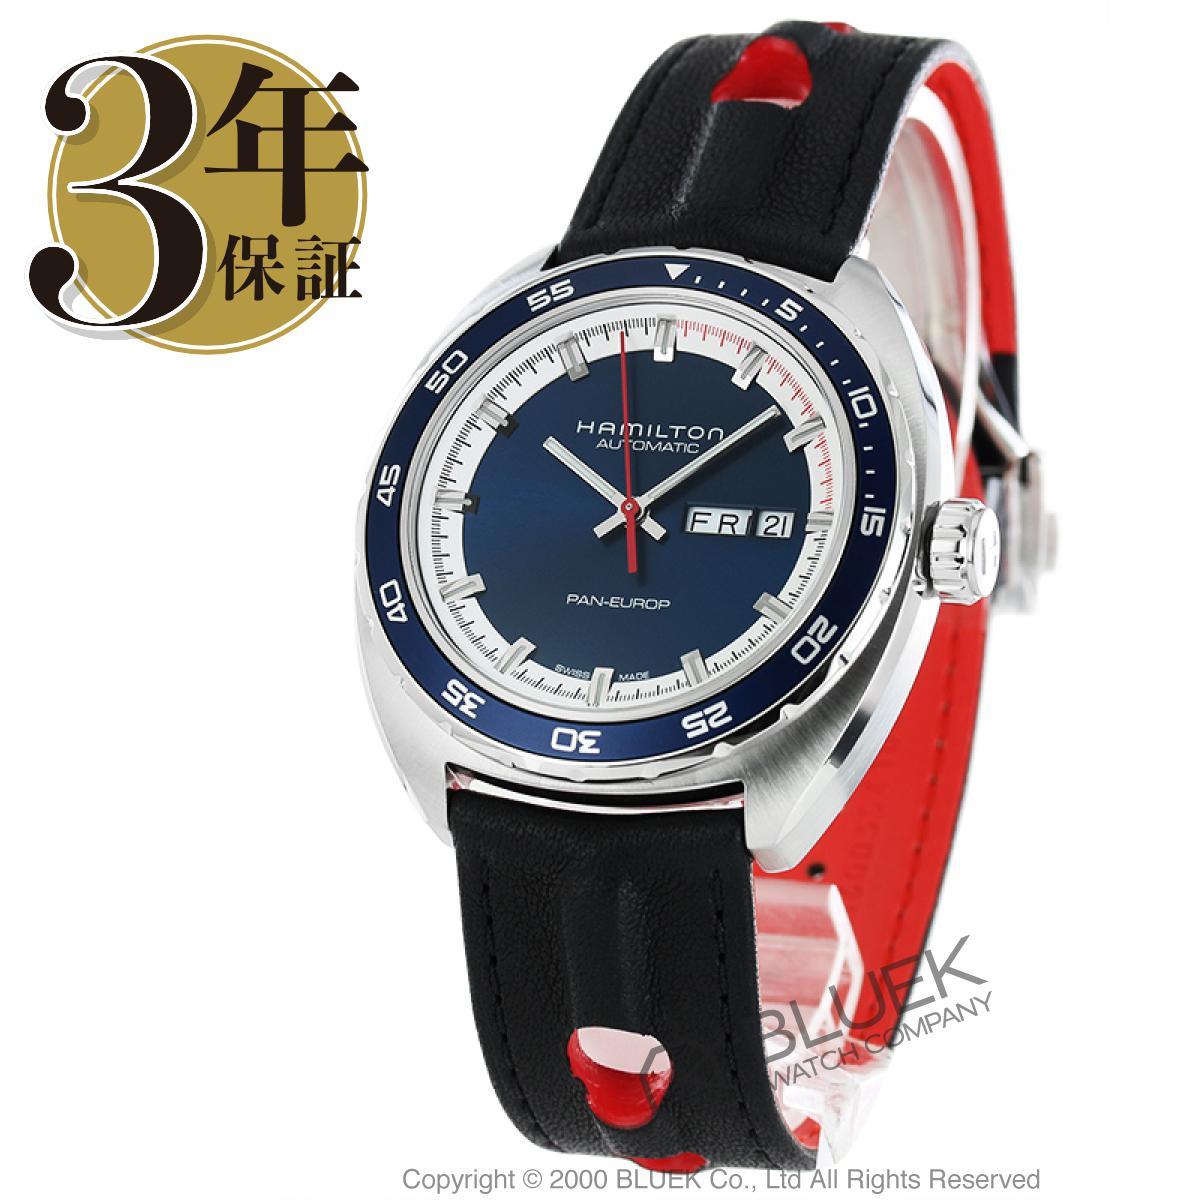 【1,000円OFFクーポン対象】ハミルトン ユーロ 腕時計 H35405741_8 メンズ HAMILTON 替えベルト付き パン